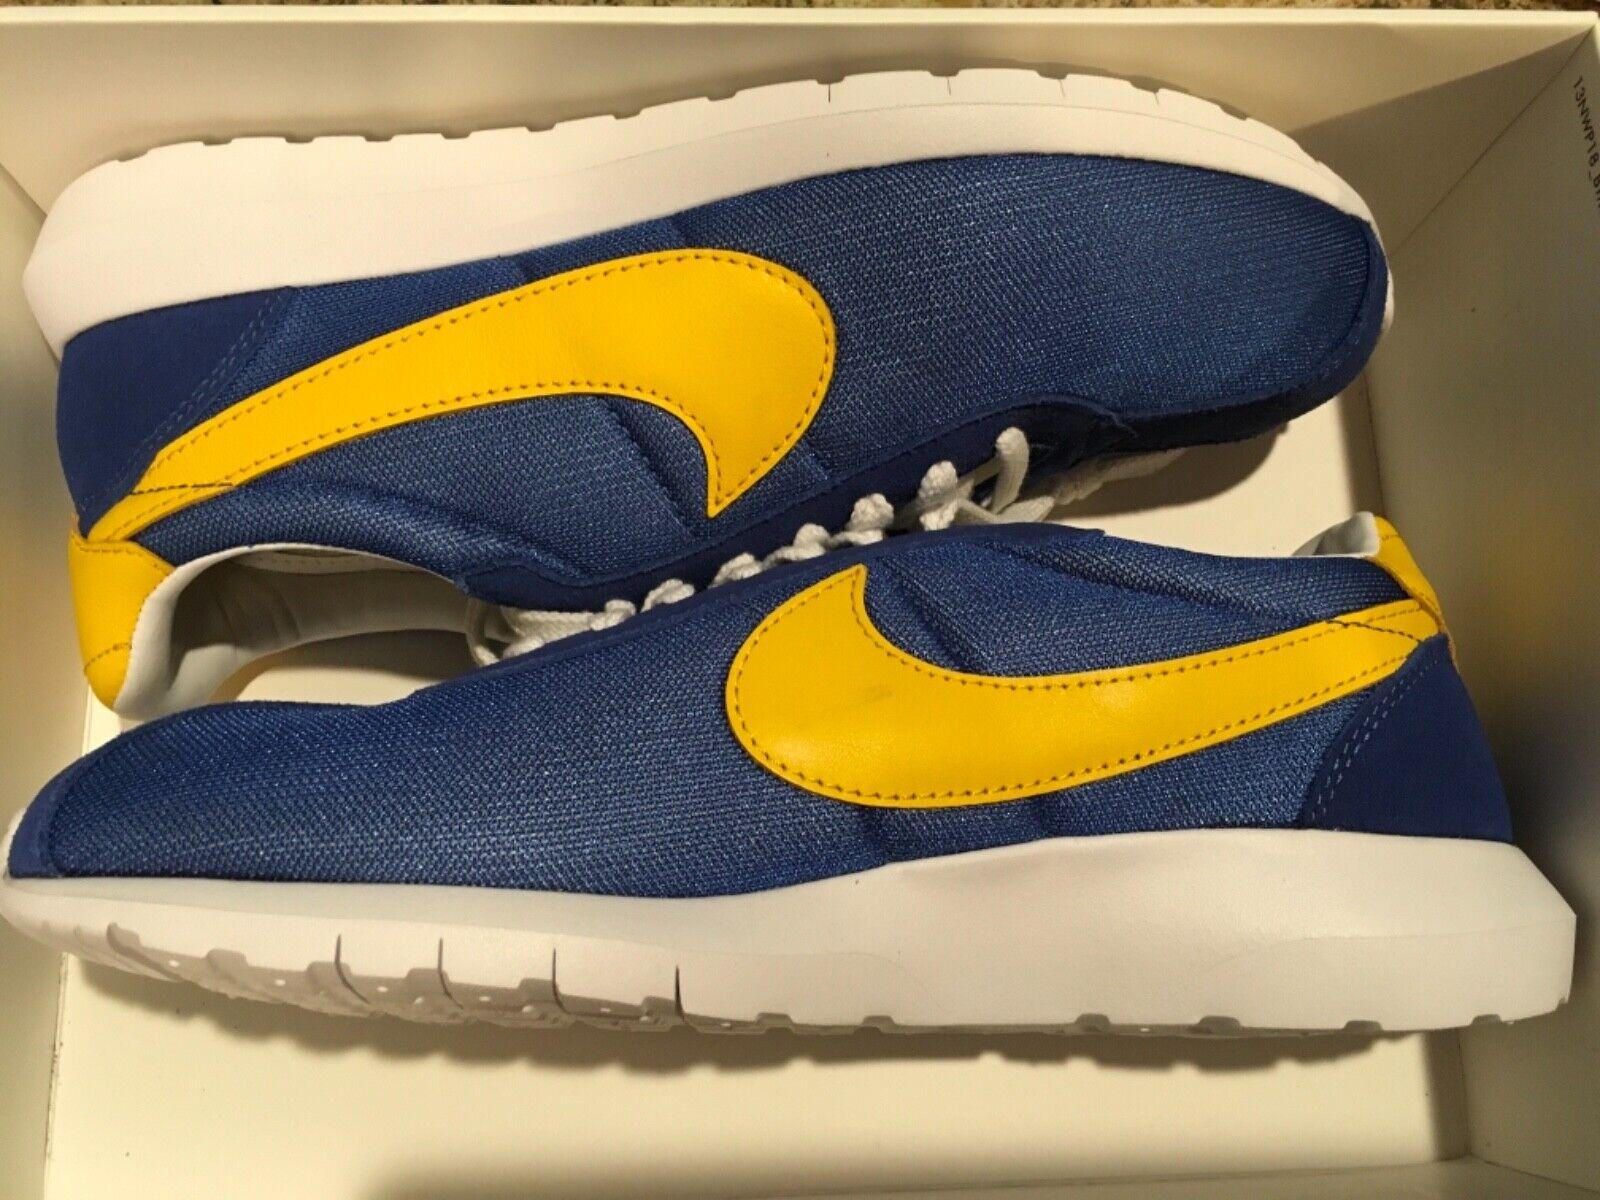 Nya Nike herr Roshe LD -1000 SP -löparskor 709657 -471 sz 11 universitets Royal